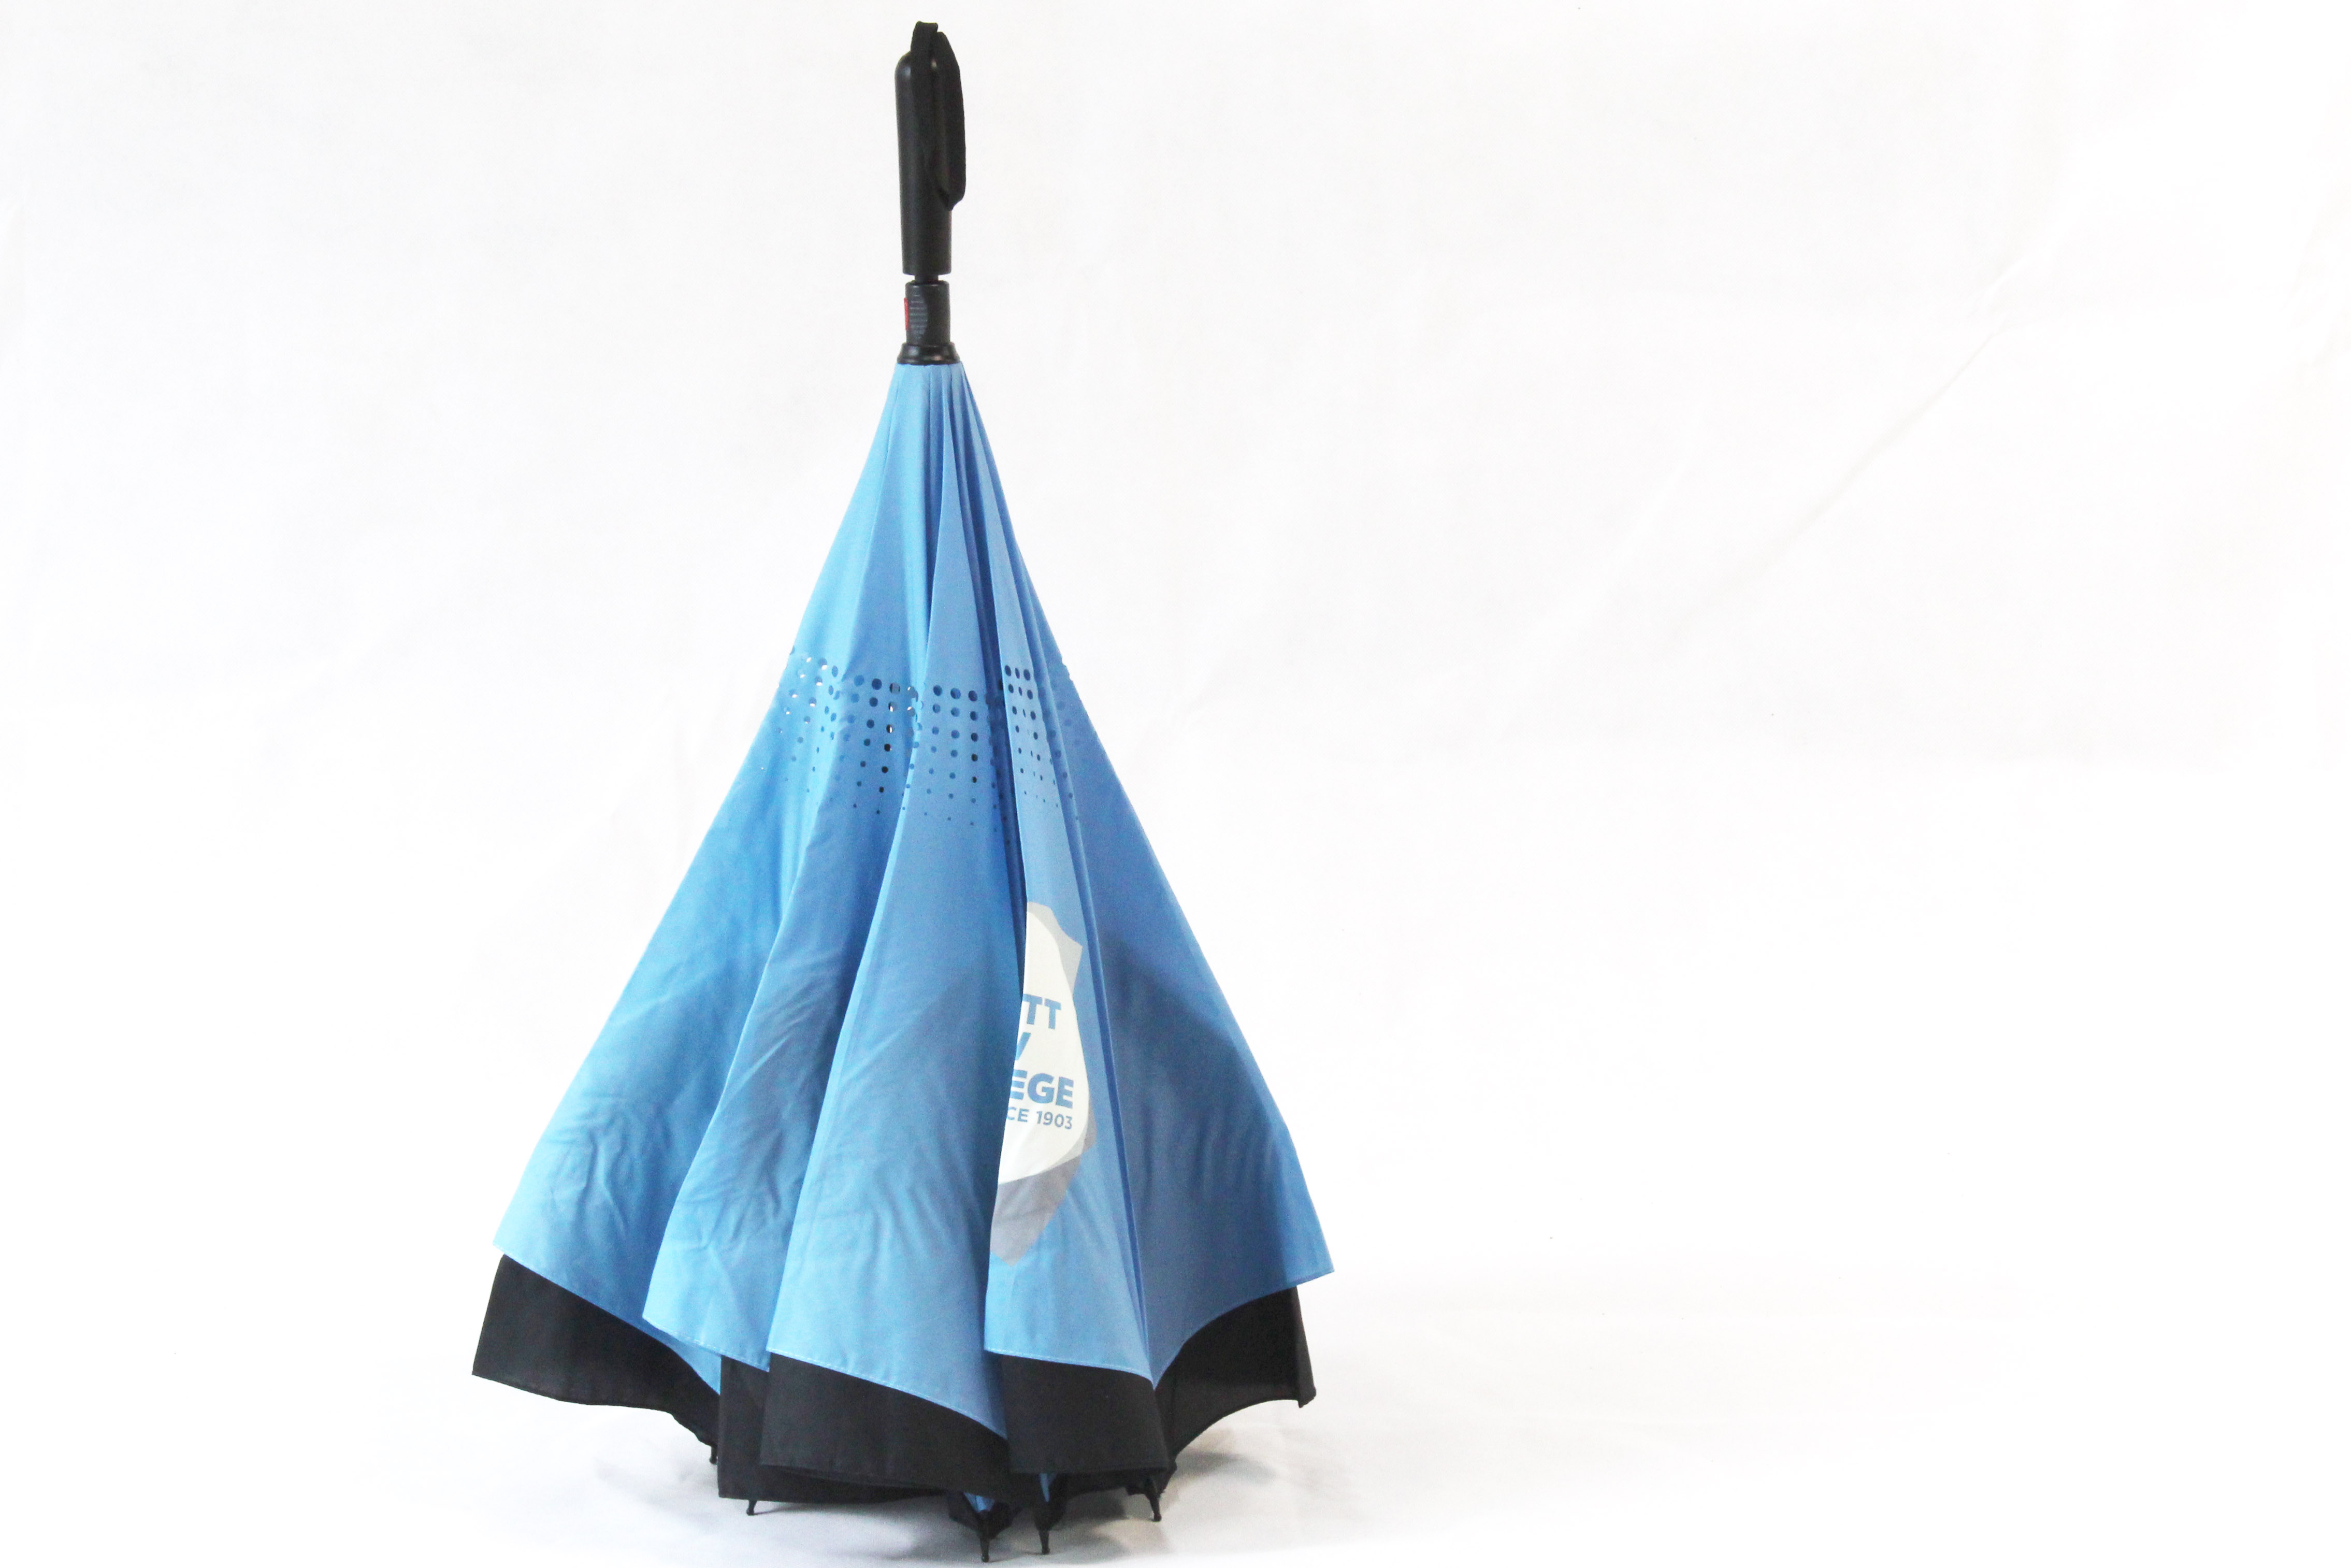 厂家定制生产 反向伞 企业广告反向伞 可加印刷LOGO